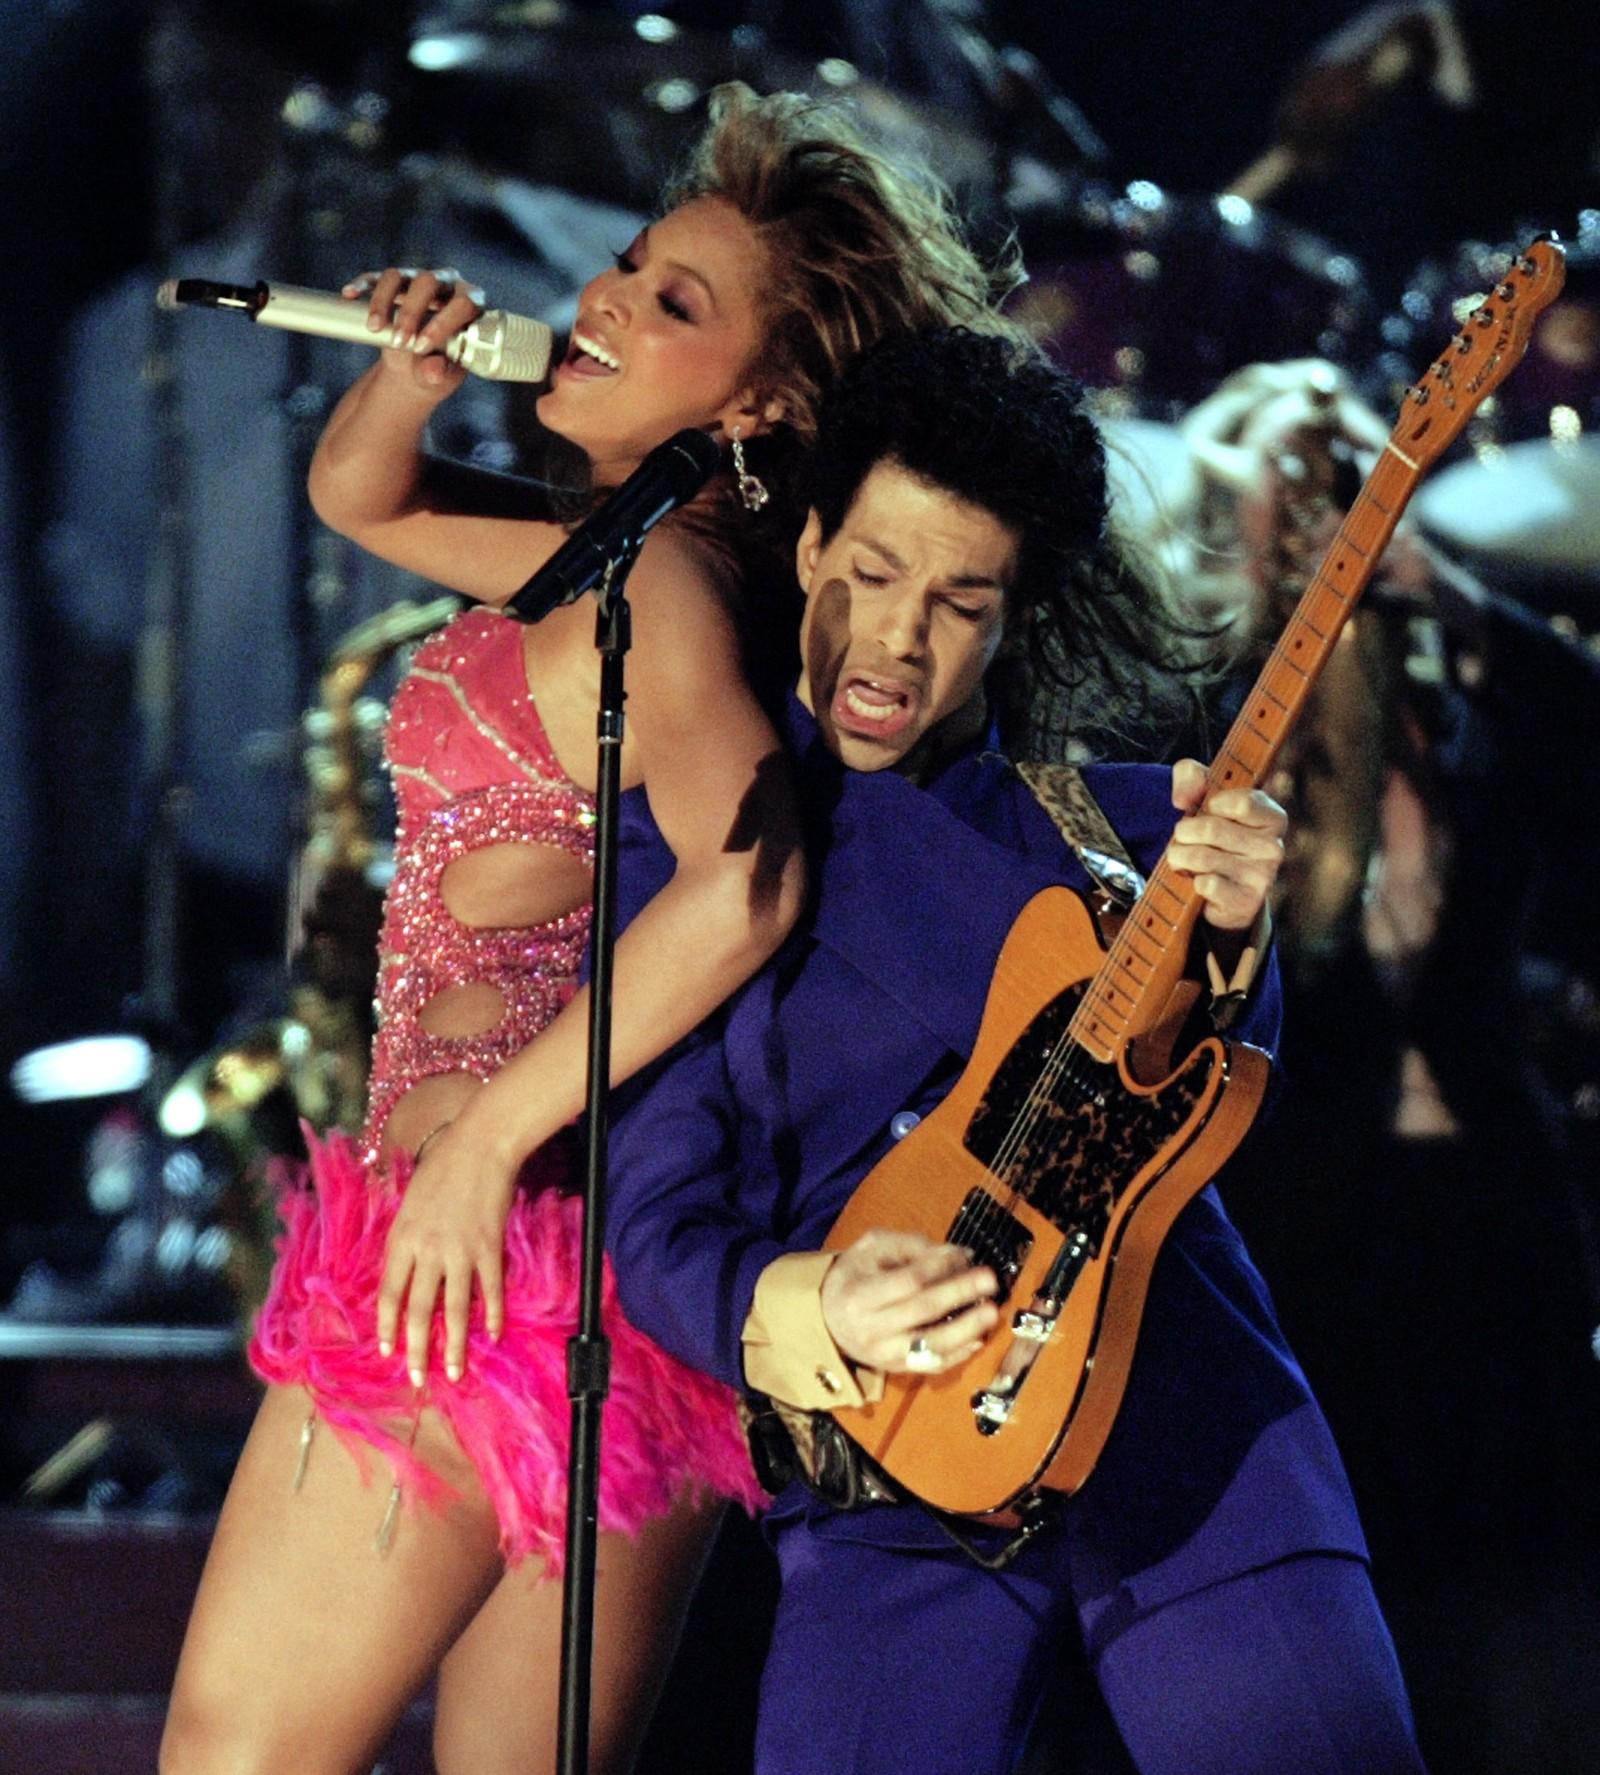 Prince opptrådde med artisten Beyoncé i 2004 under Grammy-utdelingen. Prince ble funnet i hjemmet sitt, og ble senere erklært død torsdag kveld, norsk tid.